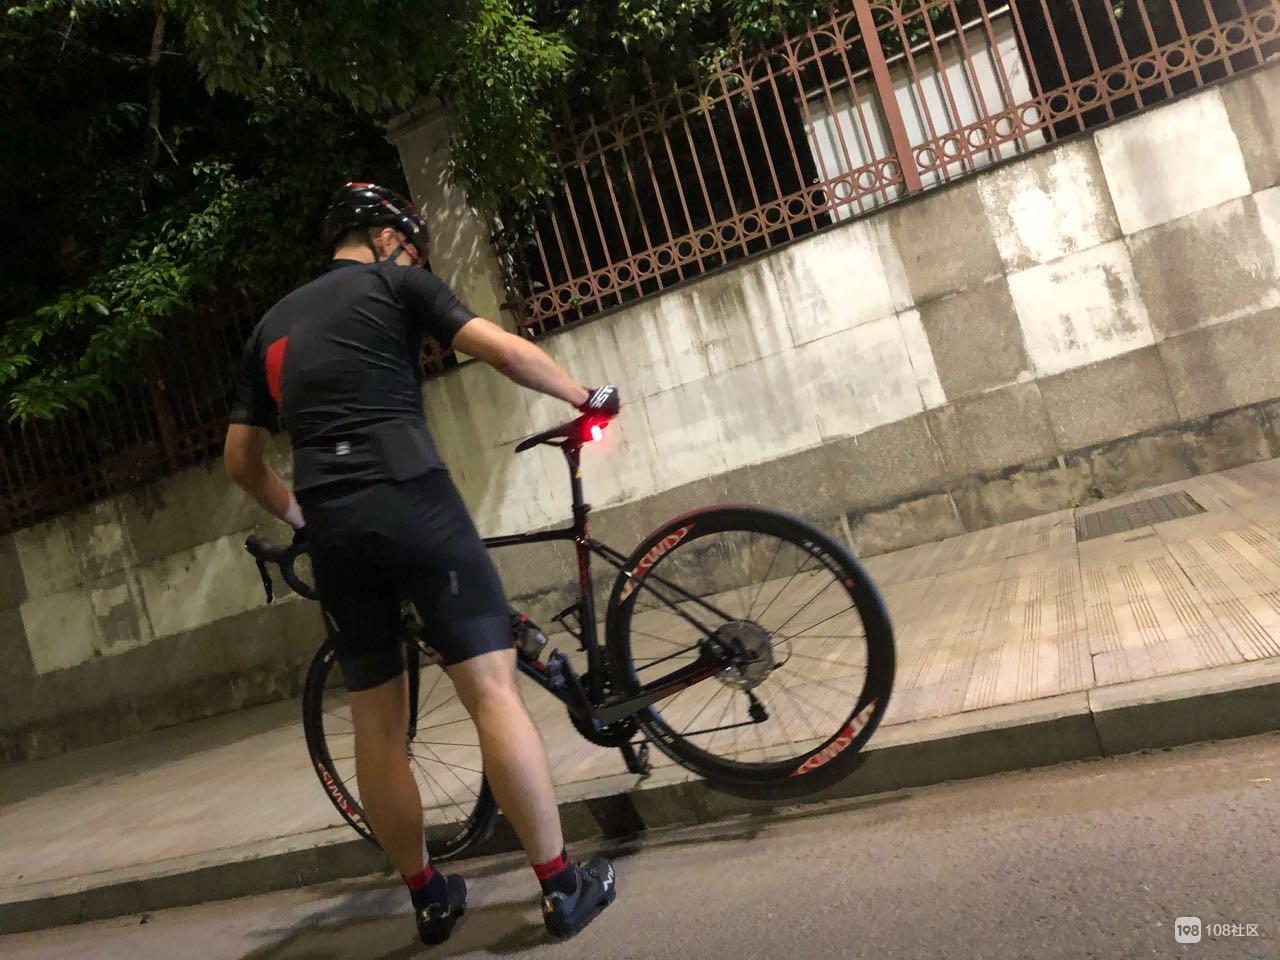 阳光路一群运动型男破风奔驰,一趟骑行50km往返新嵊